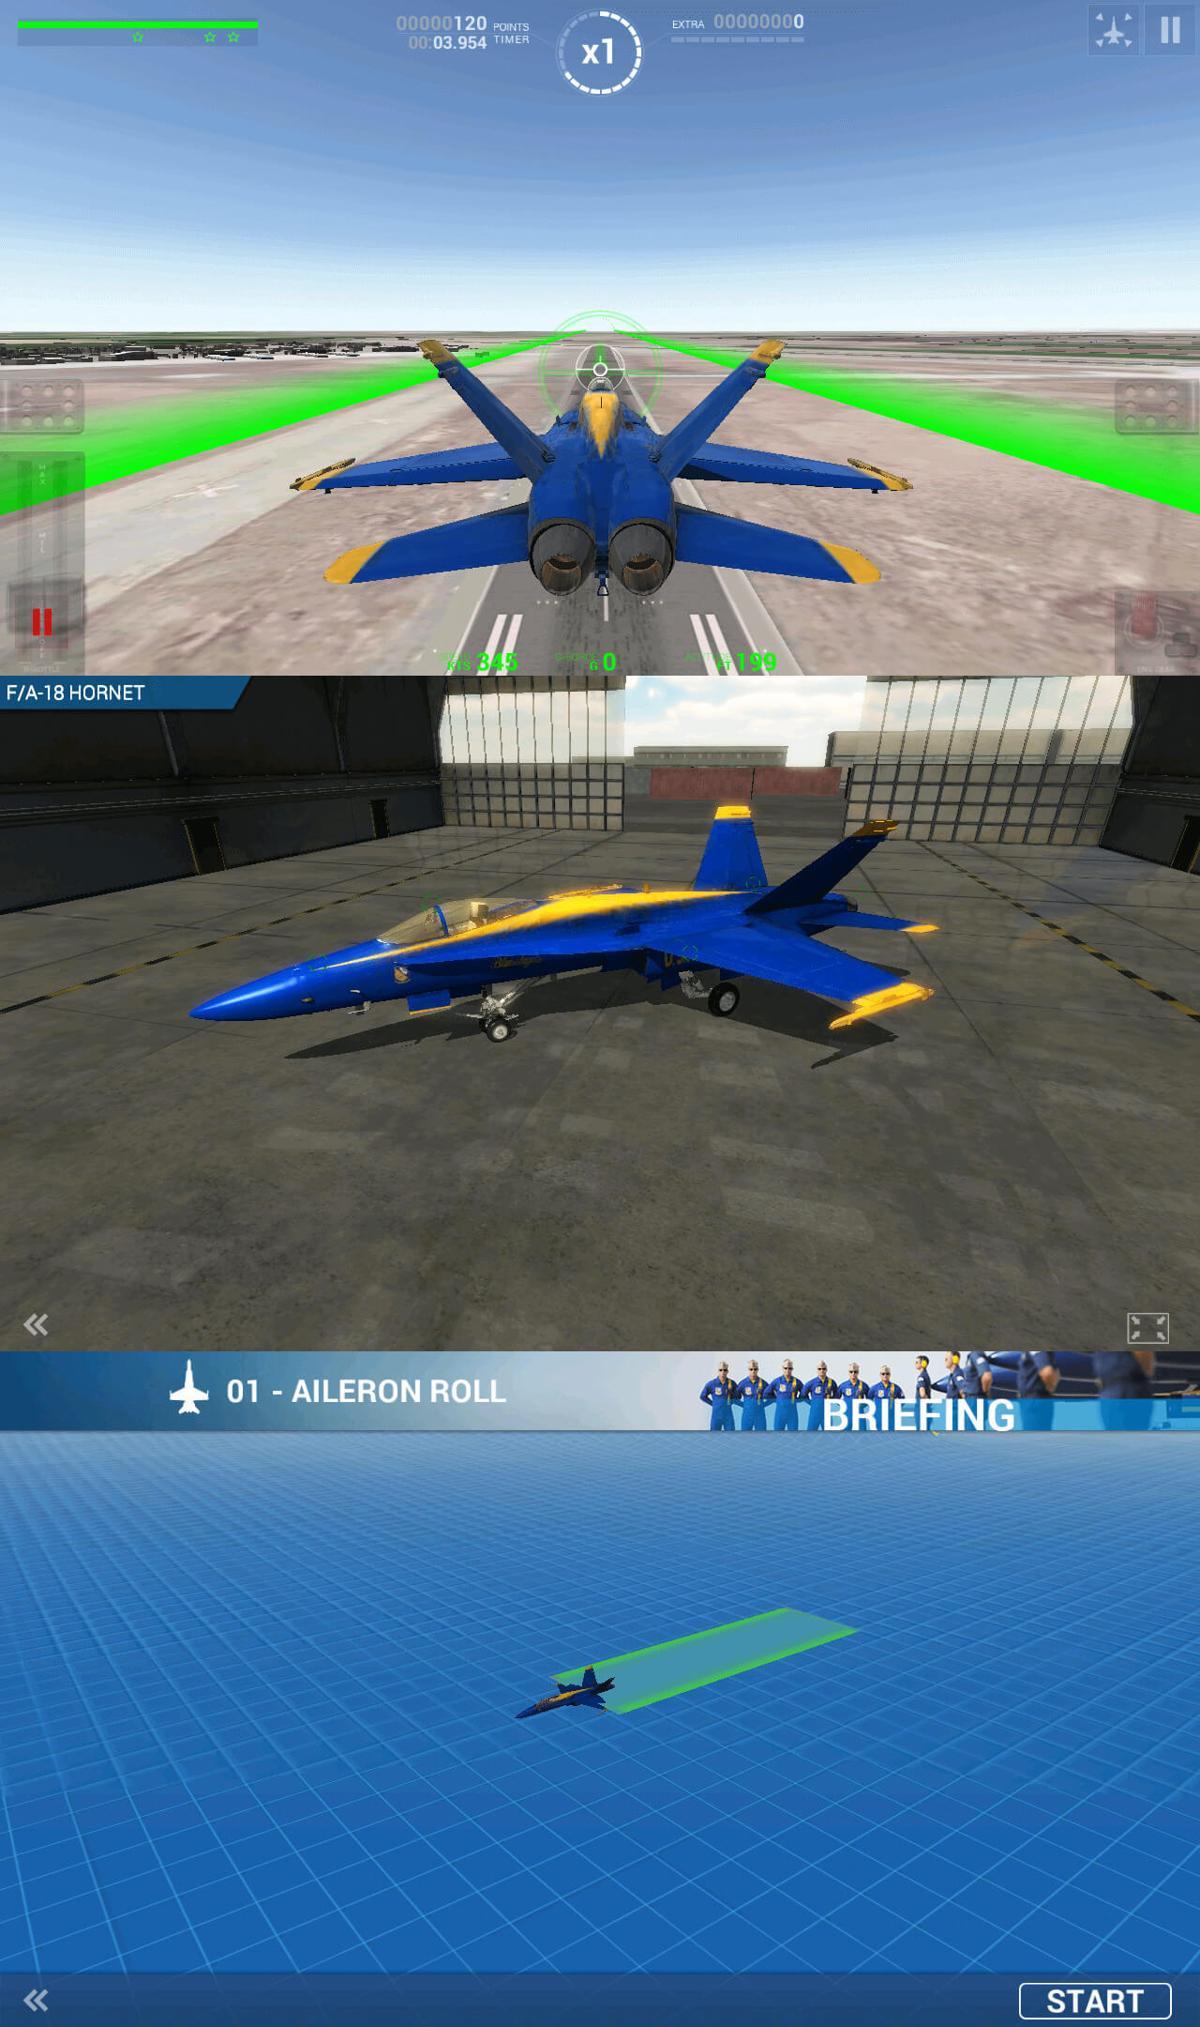 飞行游戏 蓝色天使特技飞行